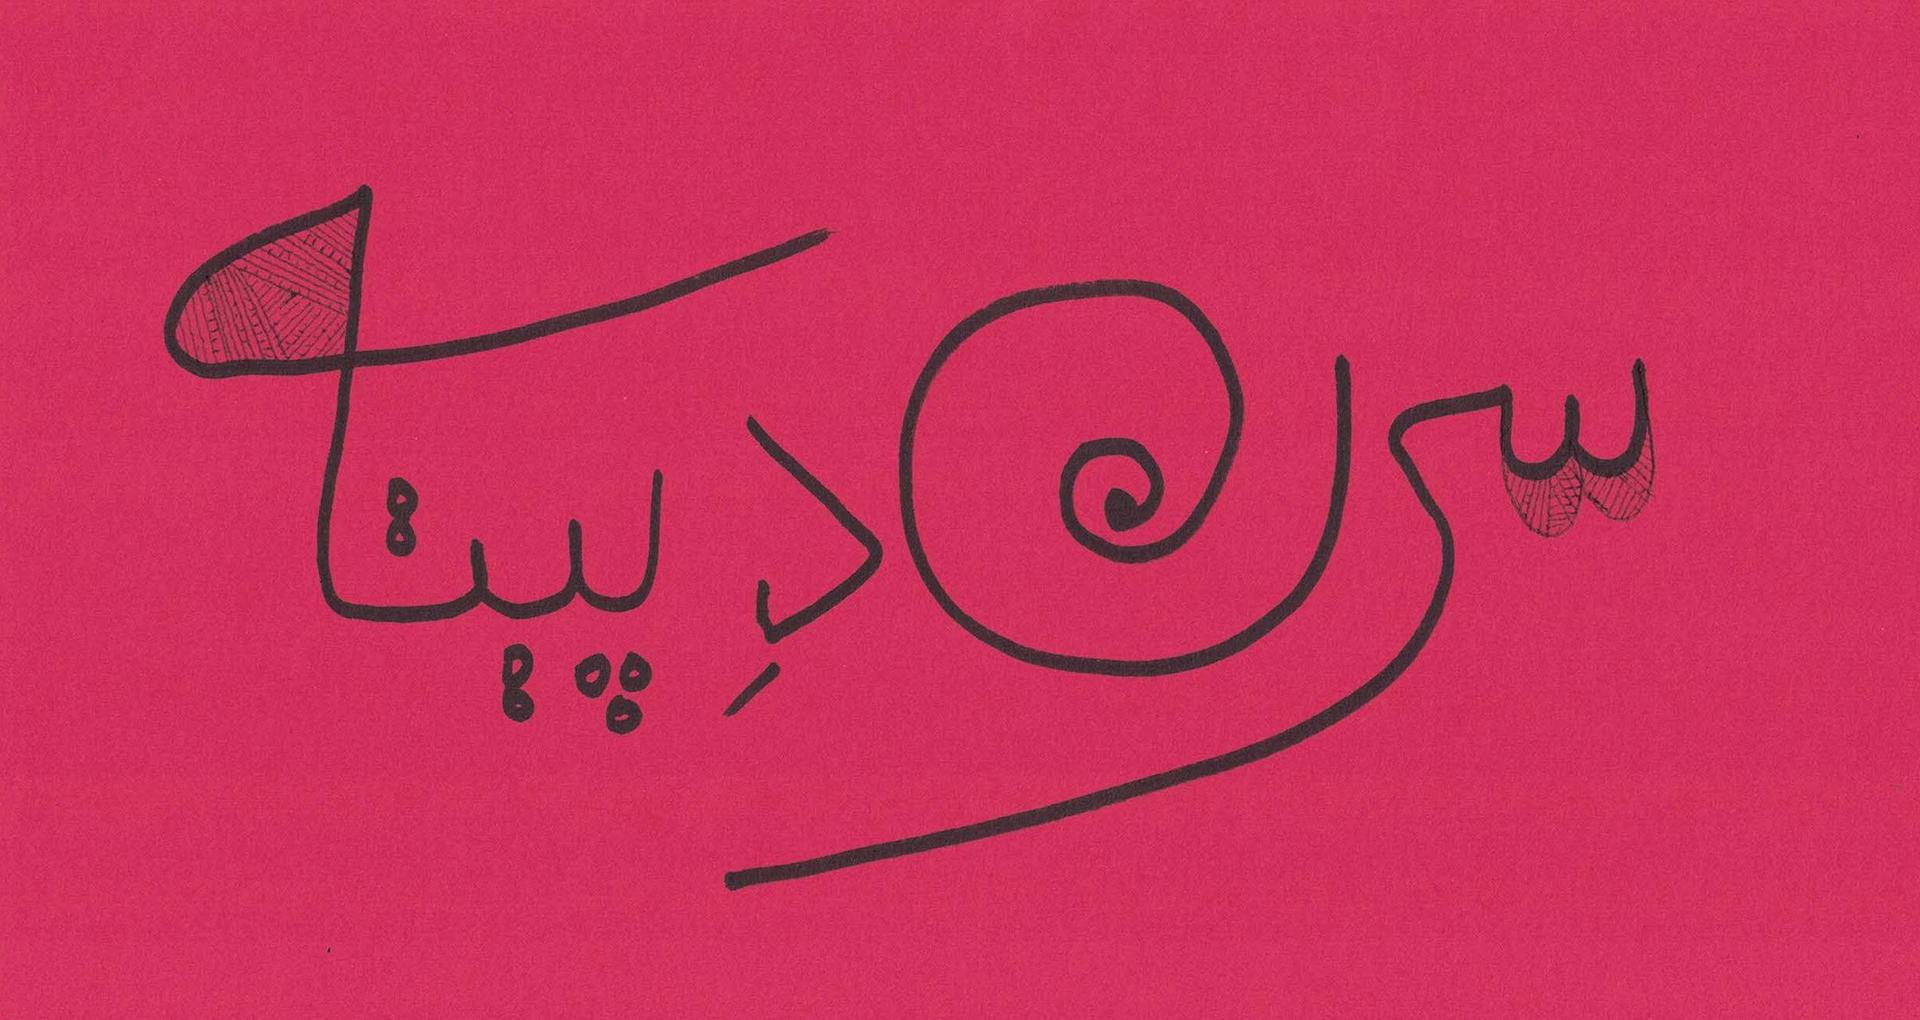 Écriture en Farsi sur fond rose.